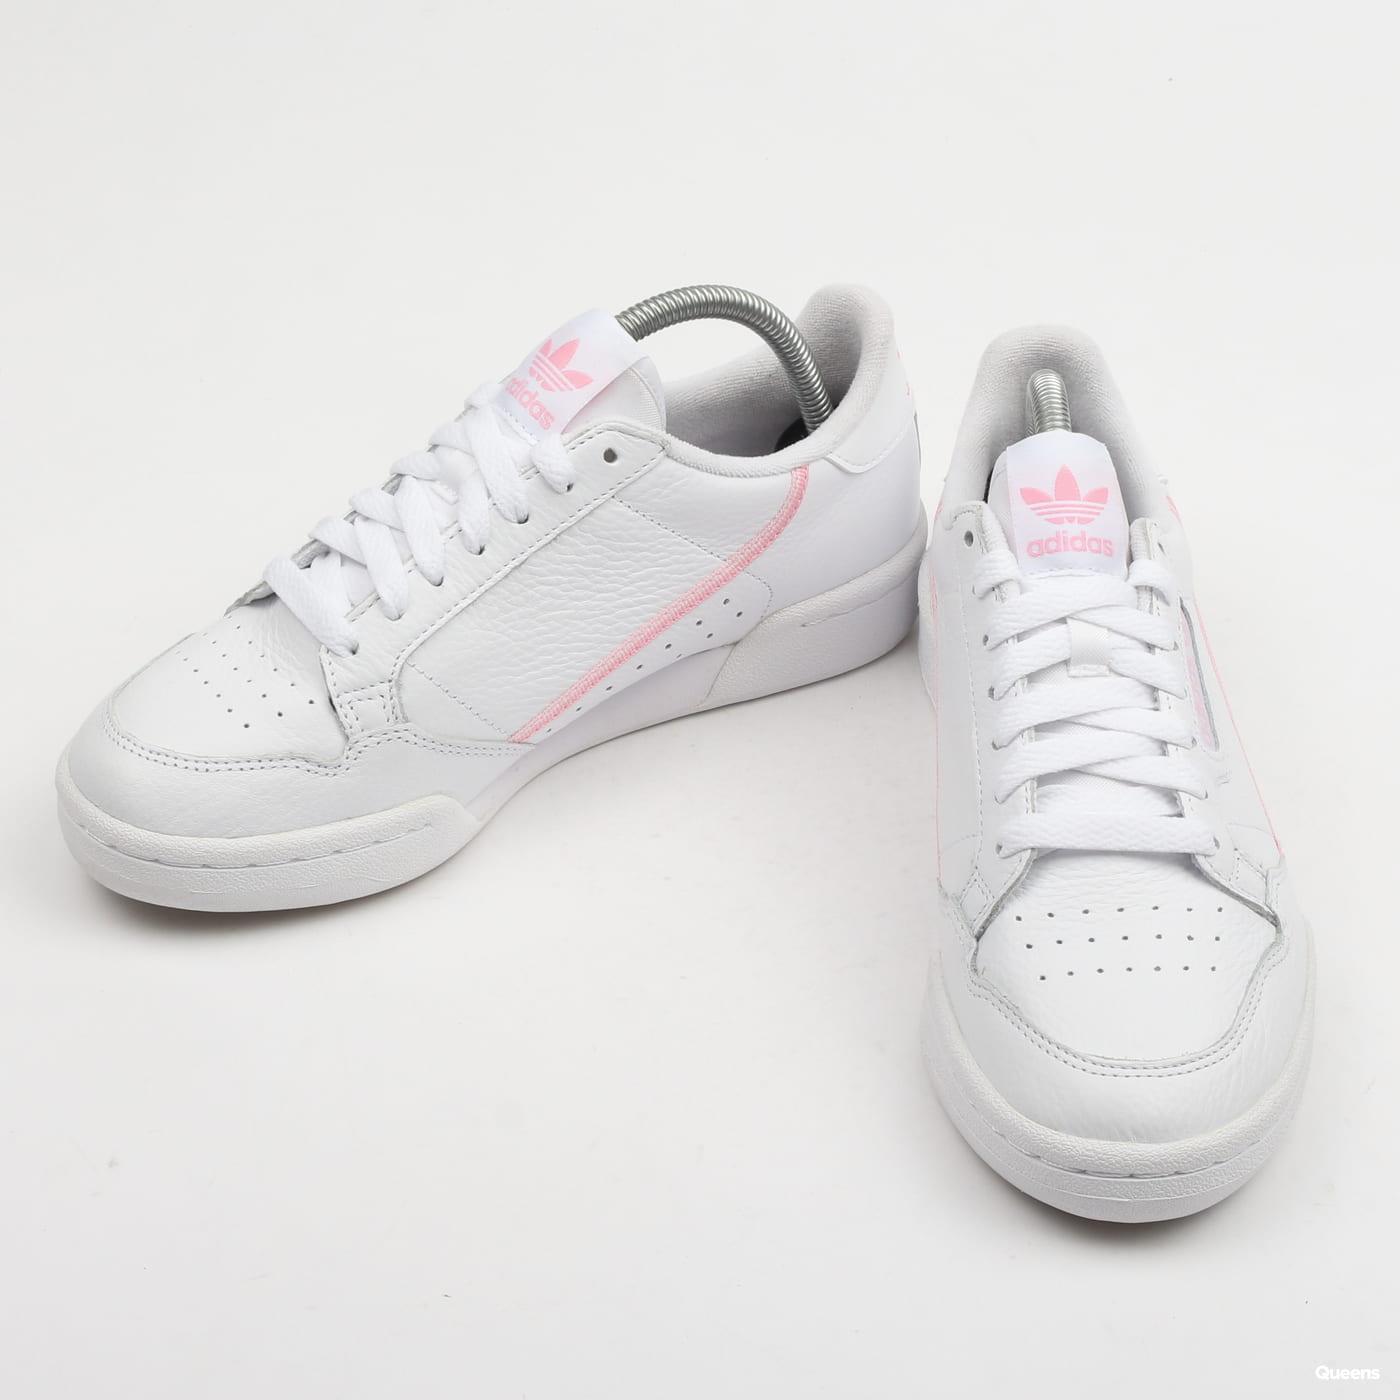 adidas Originals Continental 80 W ftwwht / trupnk / clpink